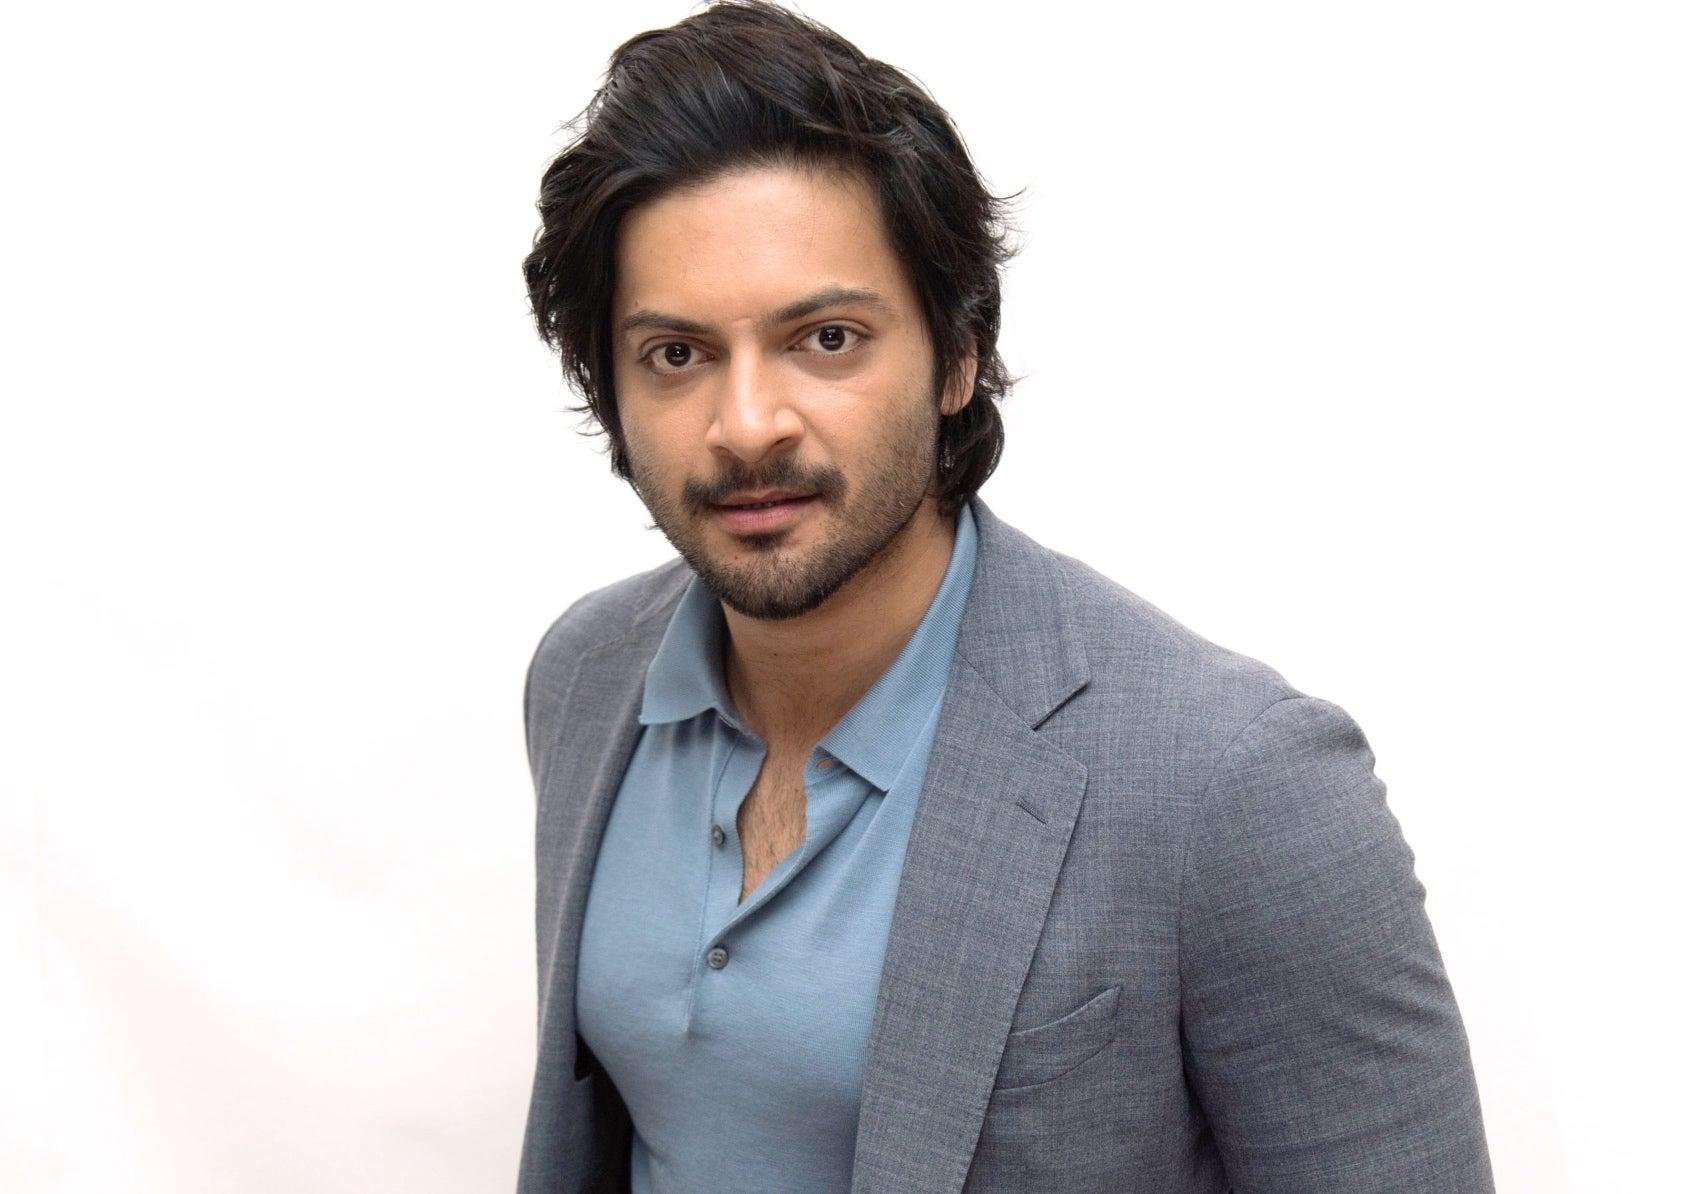 Ali Fazal: Paris Jackson plans to visit India soon, I